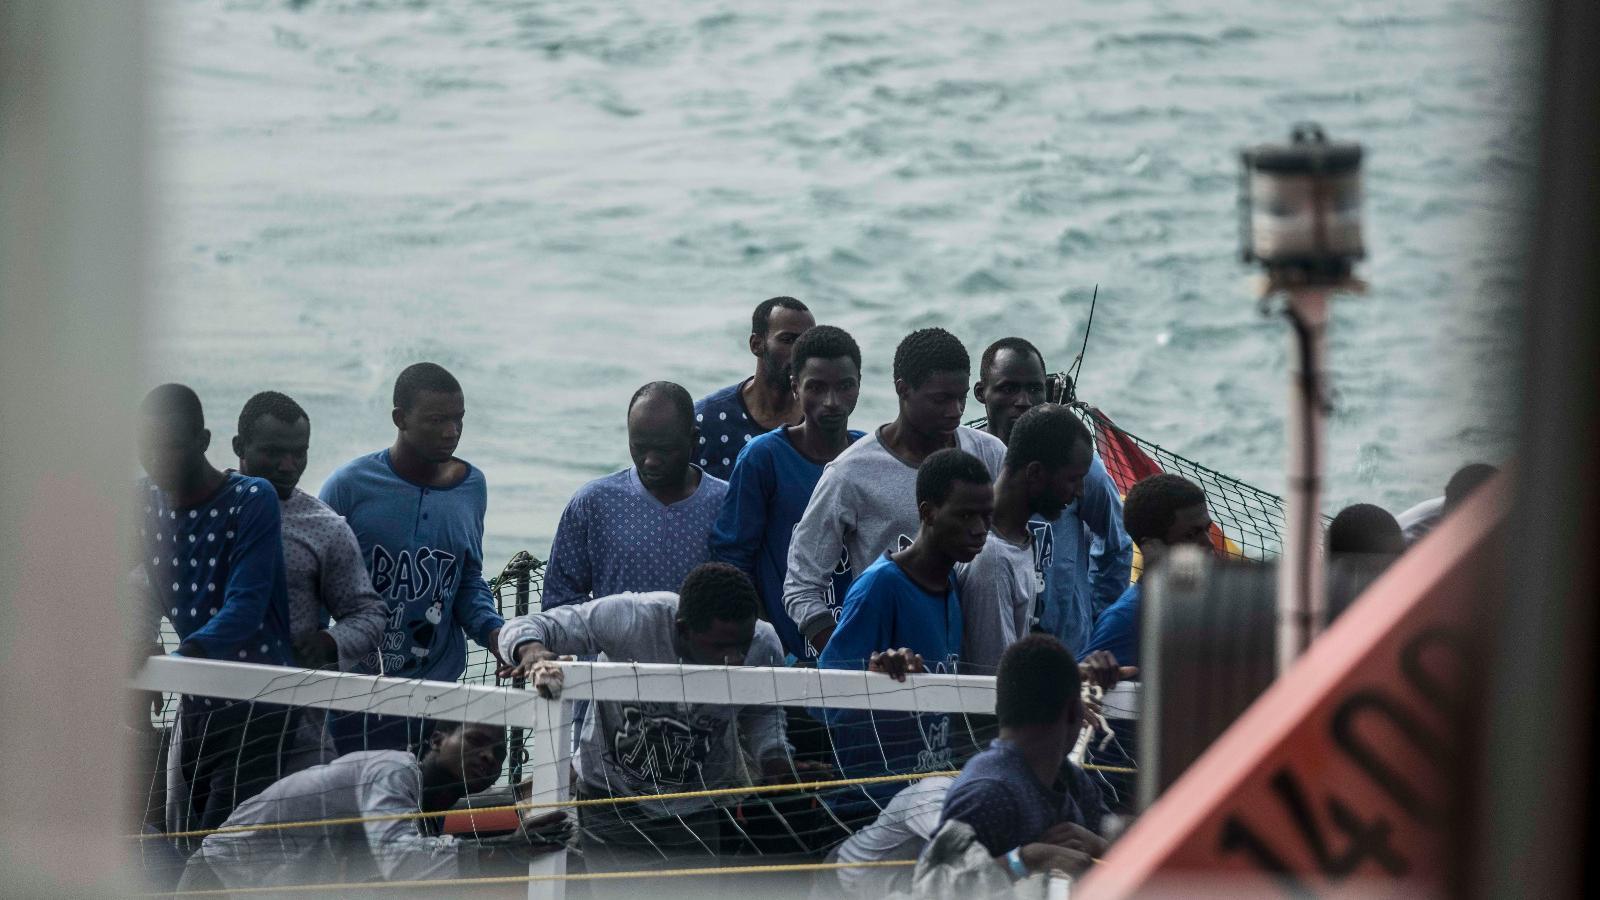 Refugiats rescatats per l''Open Arms' al Mediterrani